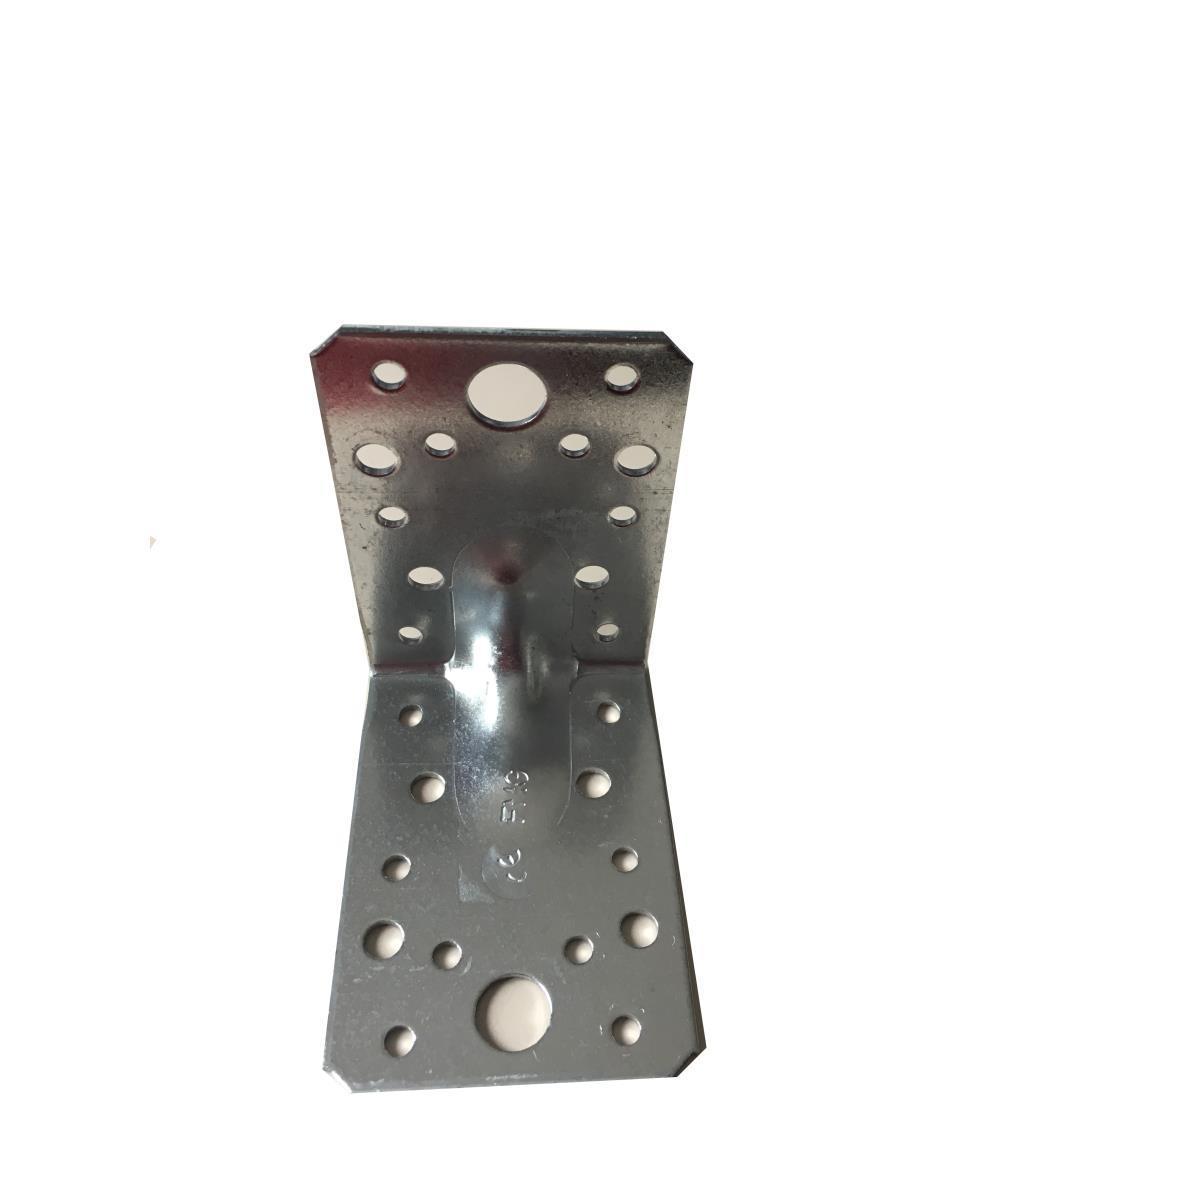 10 x Schwerlast Winkelverbinder mit Sicke verzinkt 90x90x65 Lochplattenwinkel ,Vagner SDH,000051193853, 0758198326272